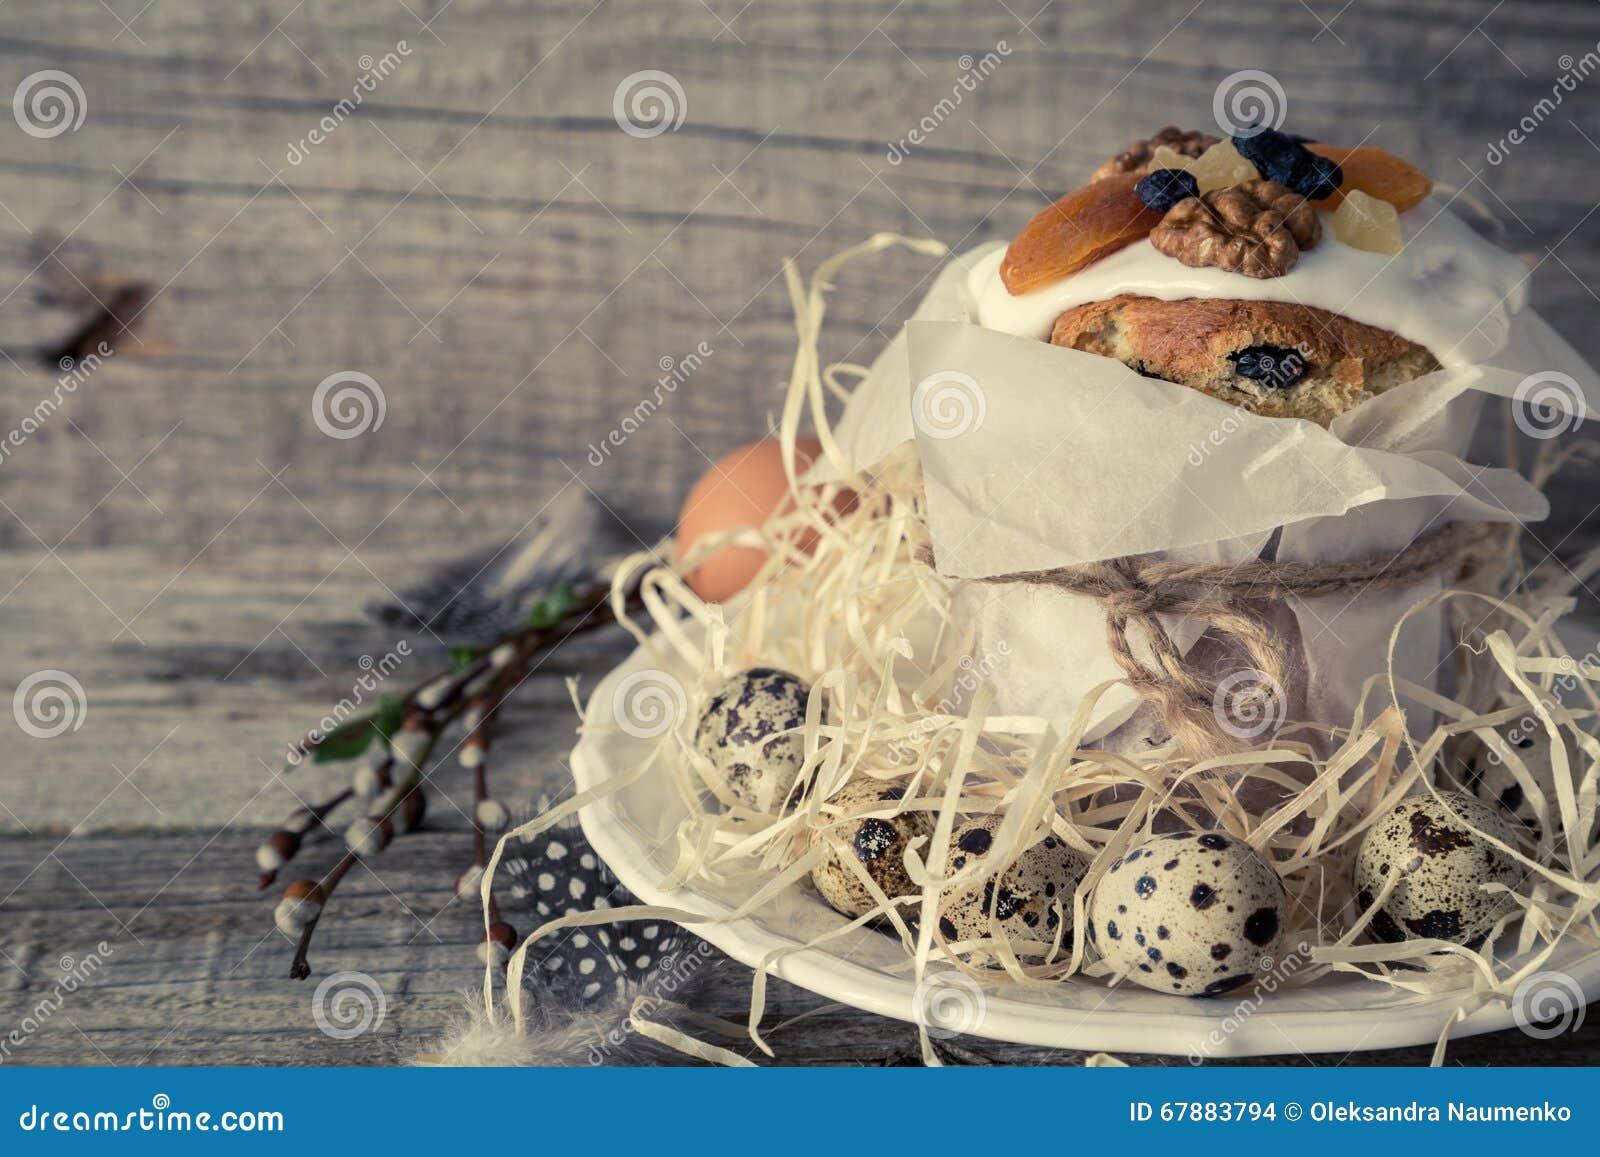 Ostern backt mit Eiern, rustikaler hölzerner Hintergrund zusammen